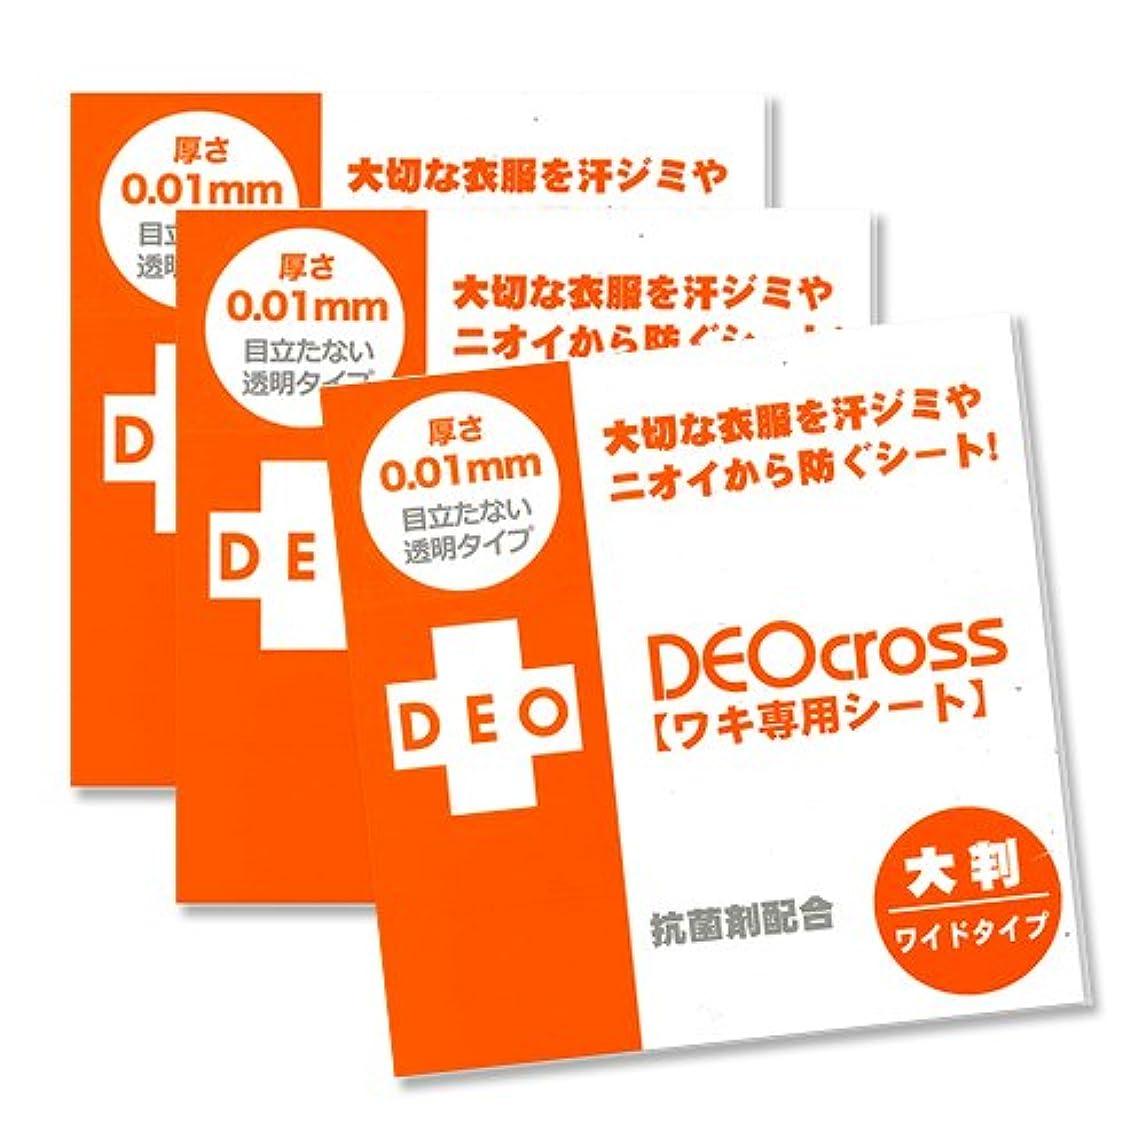 ほうきむき出し誤解する【ワキ専用シート】 デオクロス Deo Cross ワイドタイプ (50枚入りx3個セット)